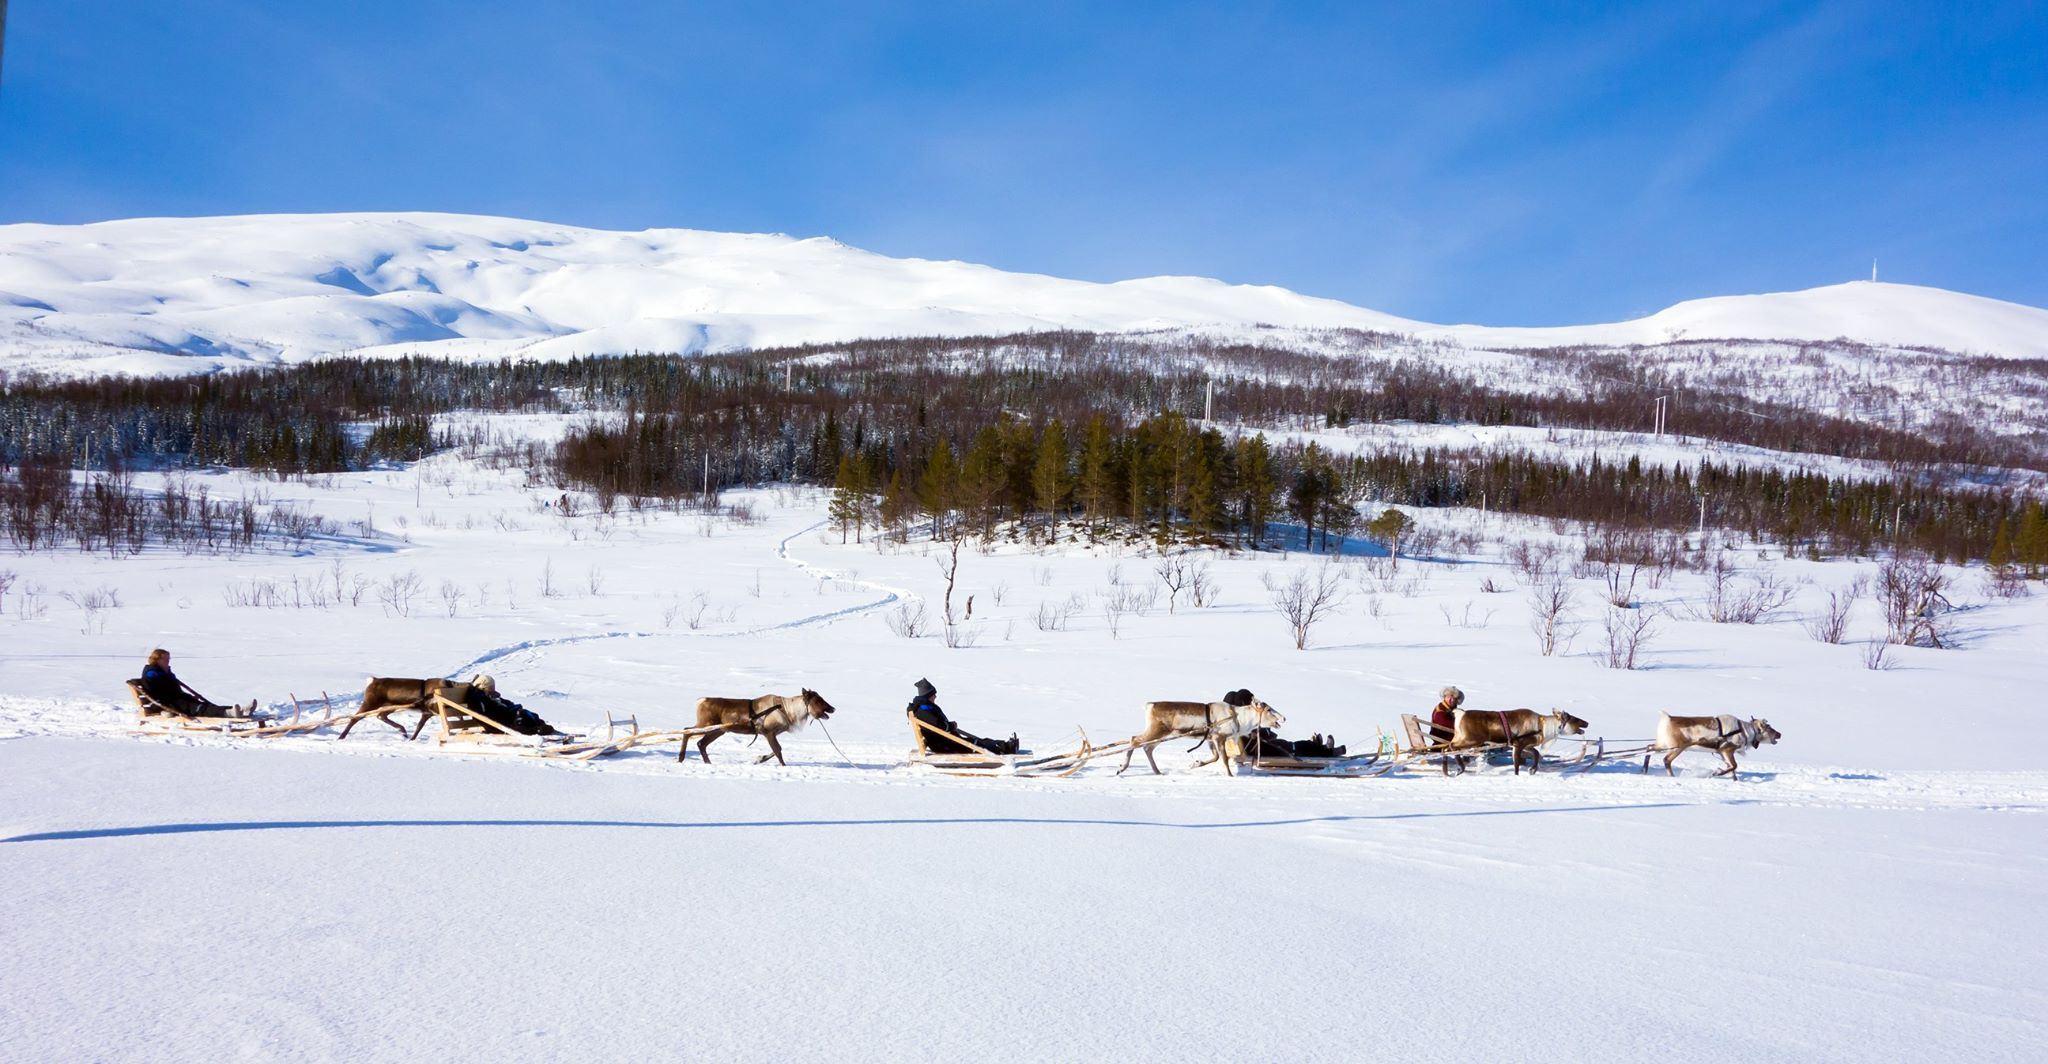 Reinsledekjøring & samisk kultur